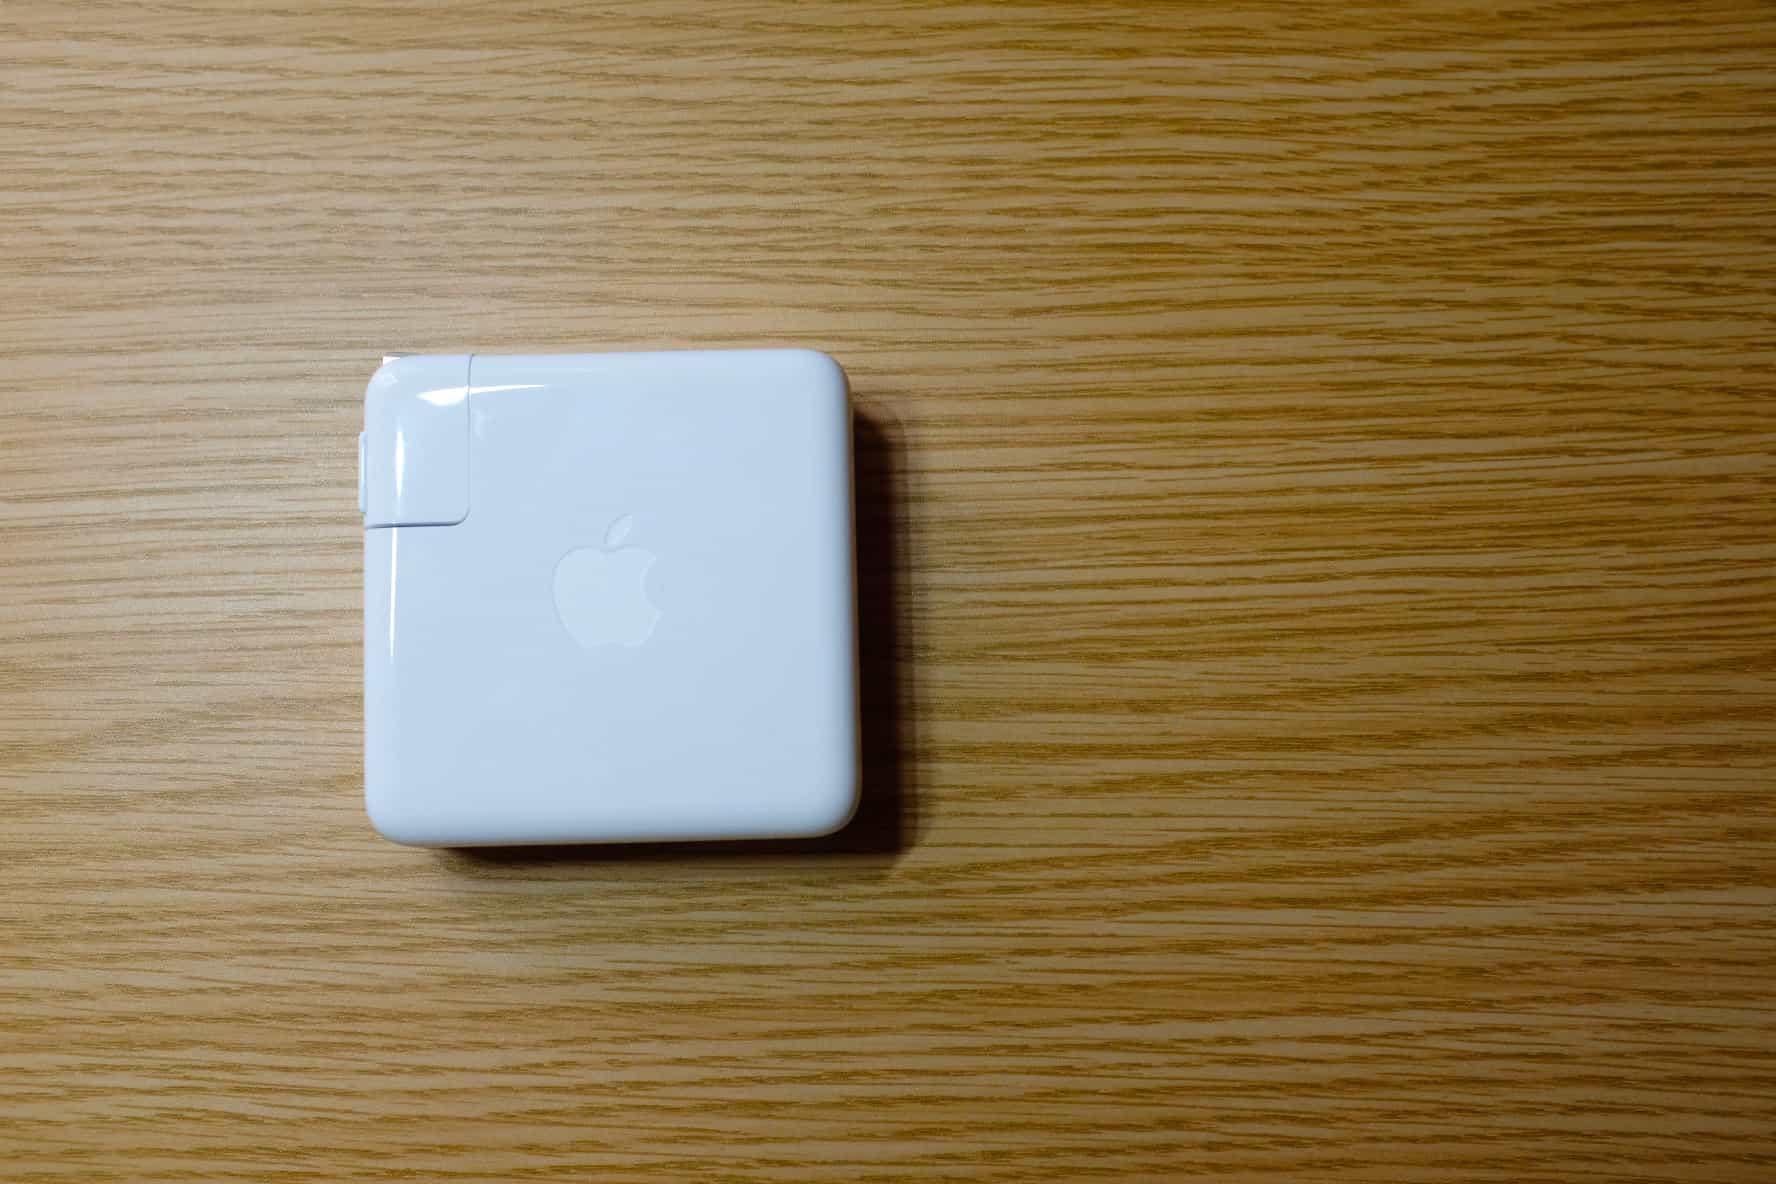 16インチ MacBook Pro の充電器は96Wじゃないと充電してくれない!?